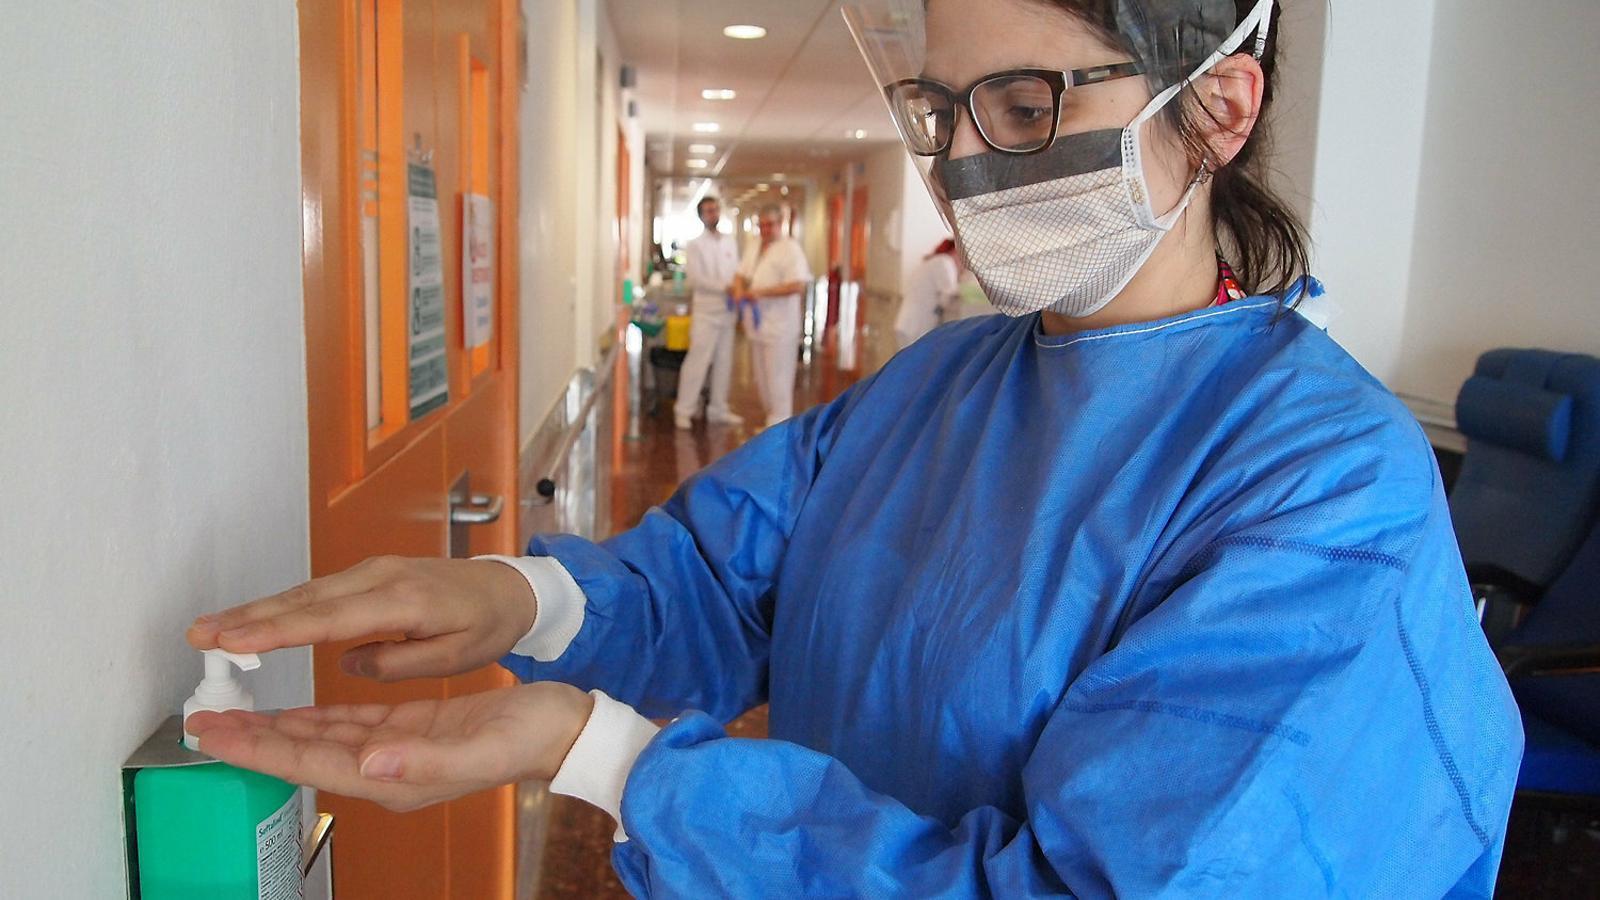 Infermeres de control d'infecció: la feina invisible per protegir els hospitals Els sanitaris denuncien que falta material